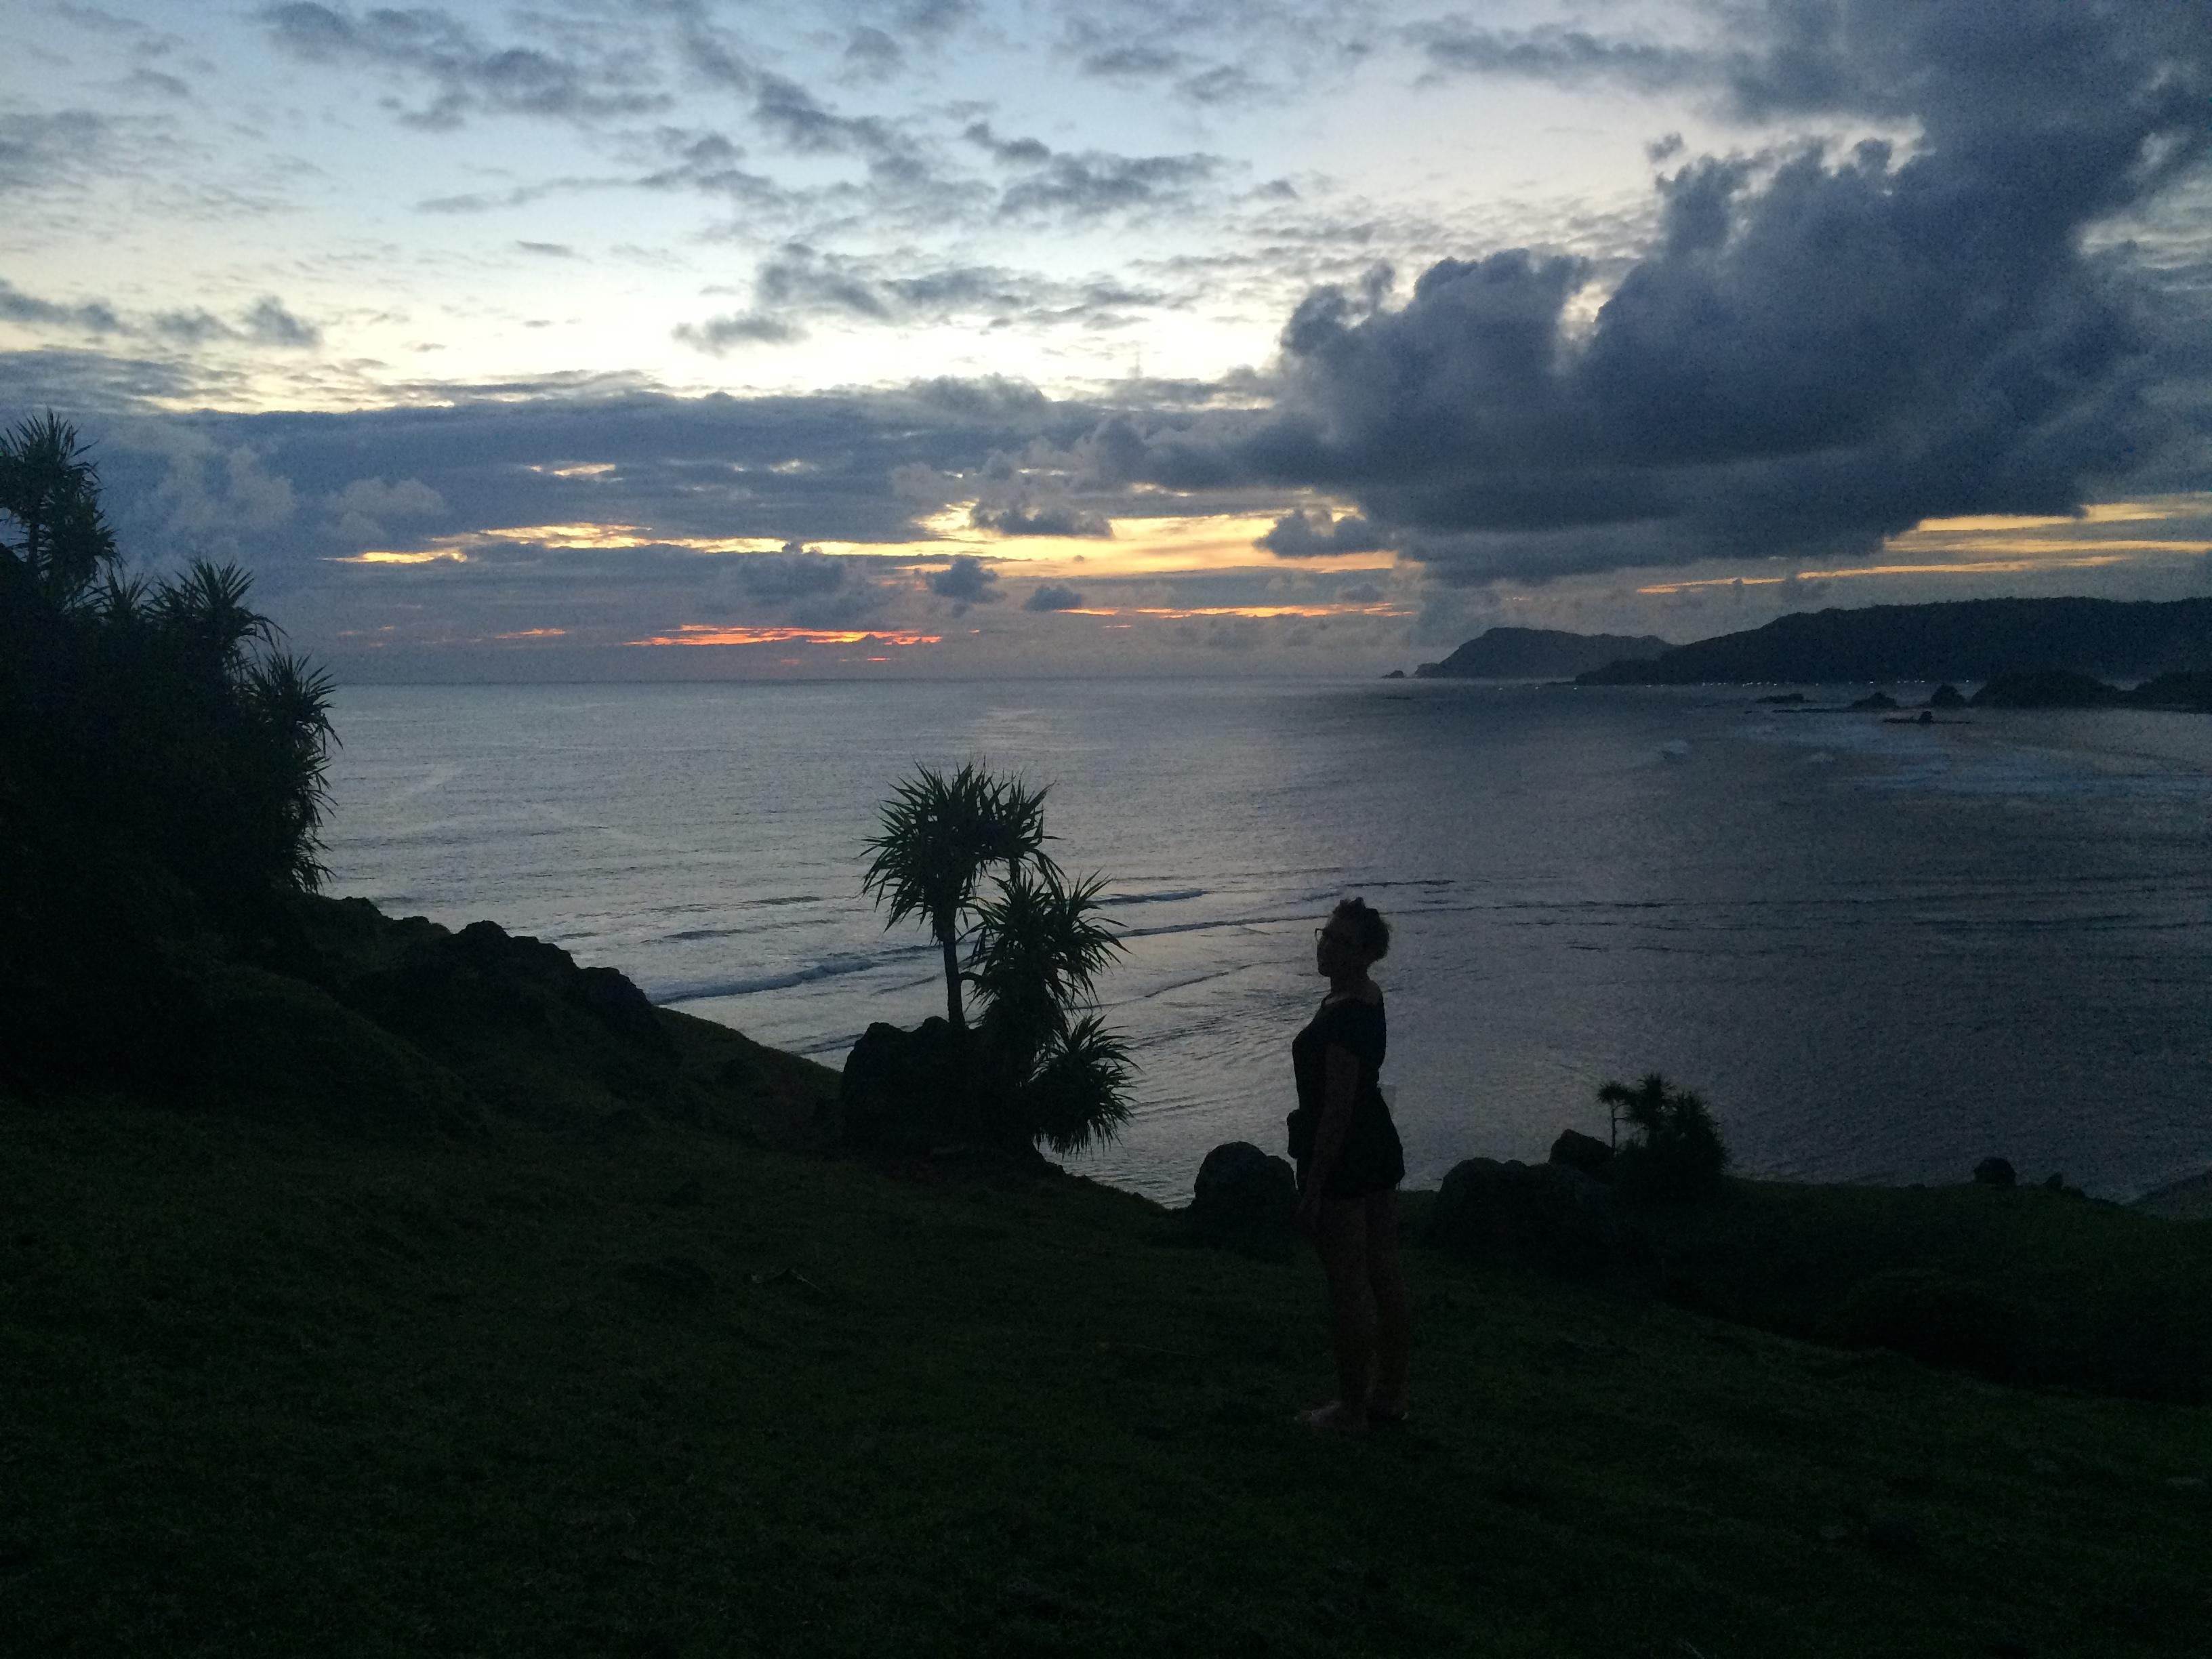 Coucher de soleil,sunset, TAJUNGANN, Lombok, Indonésie